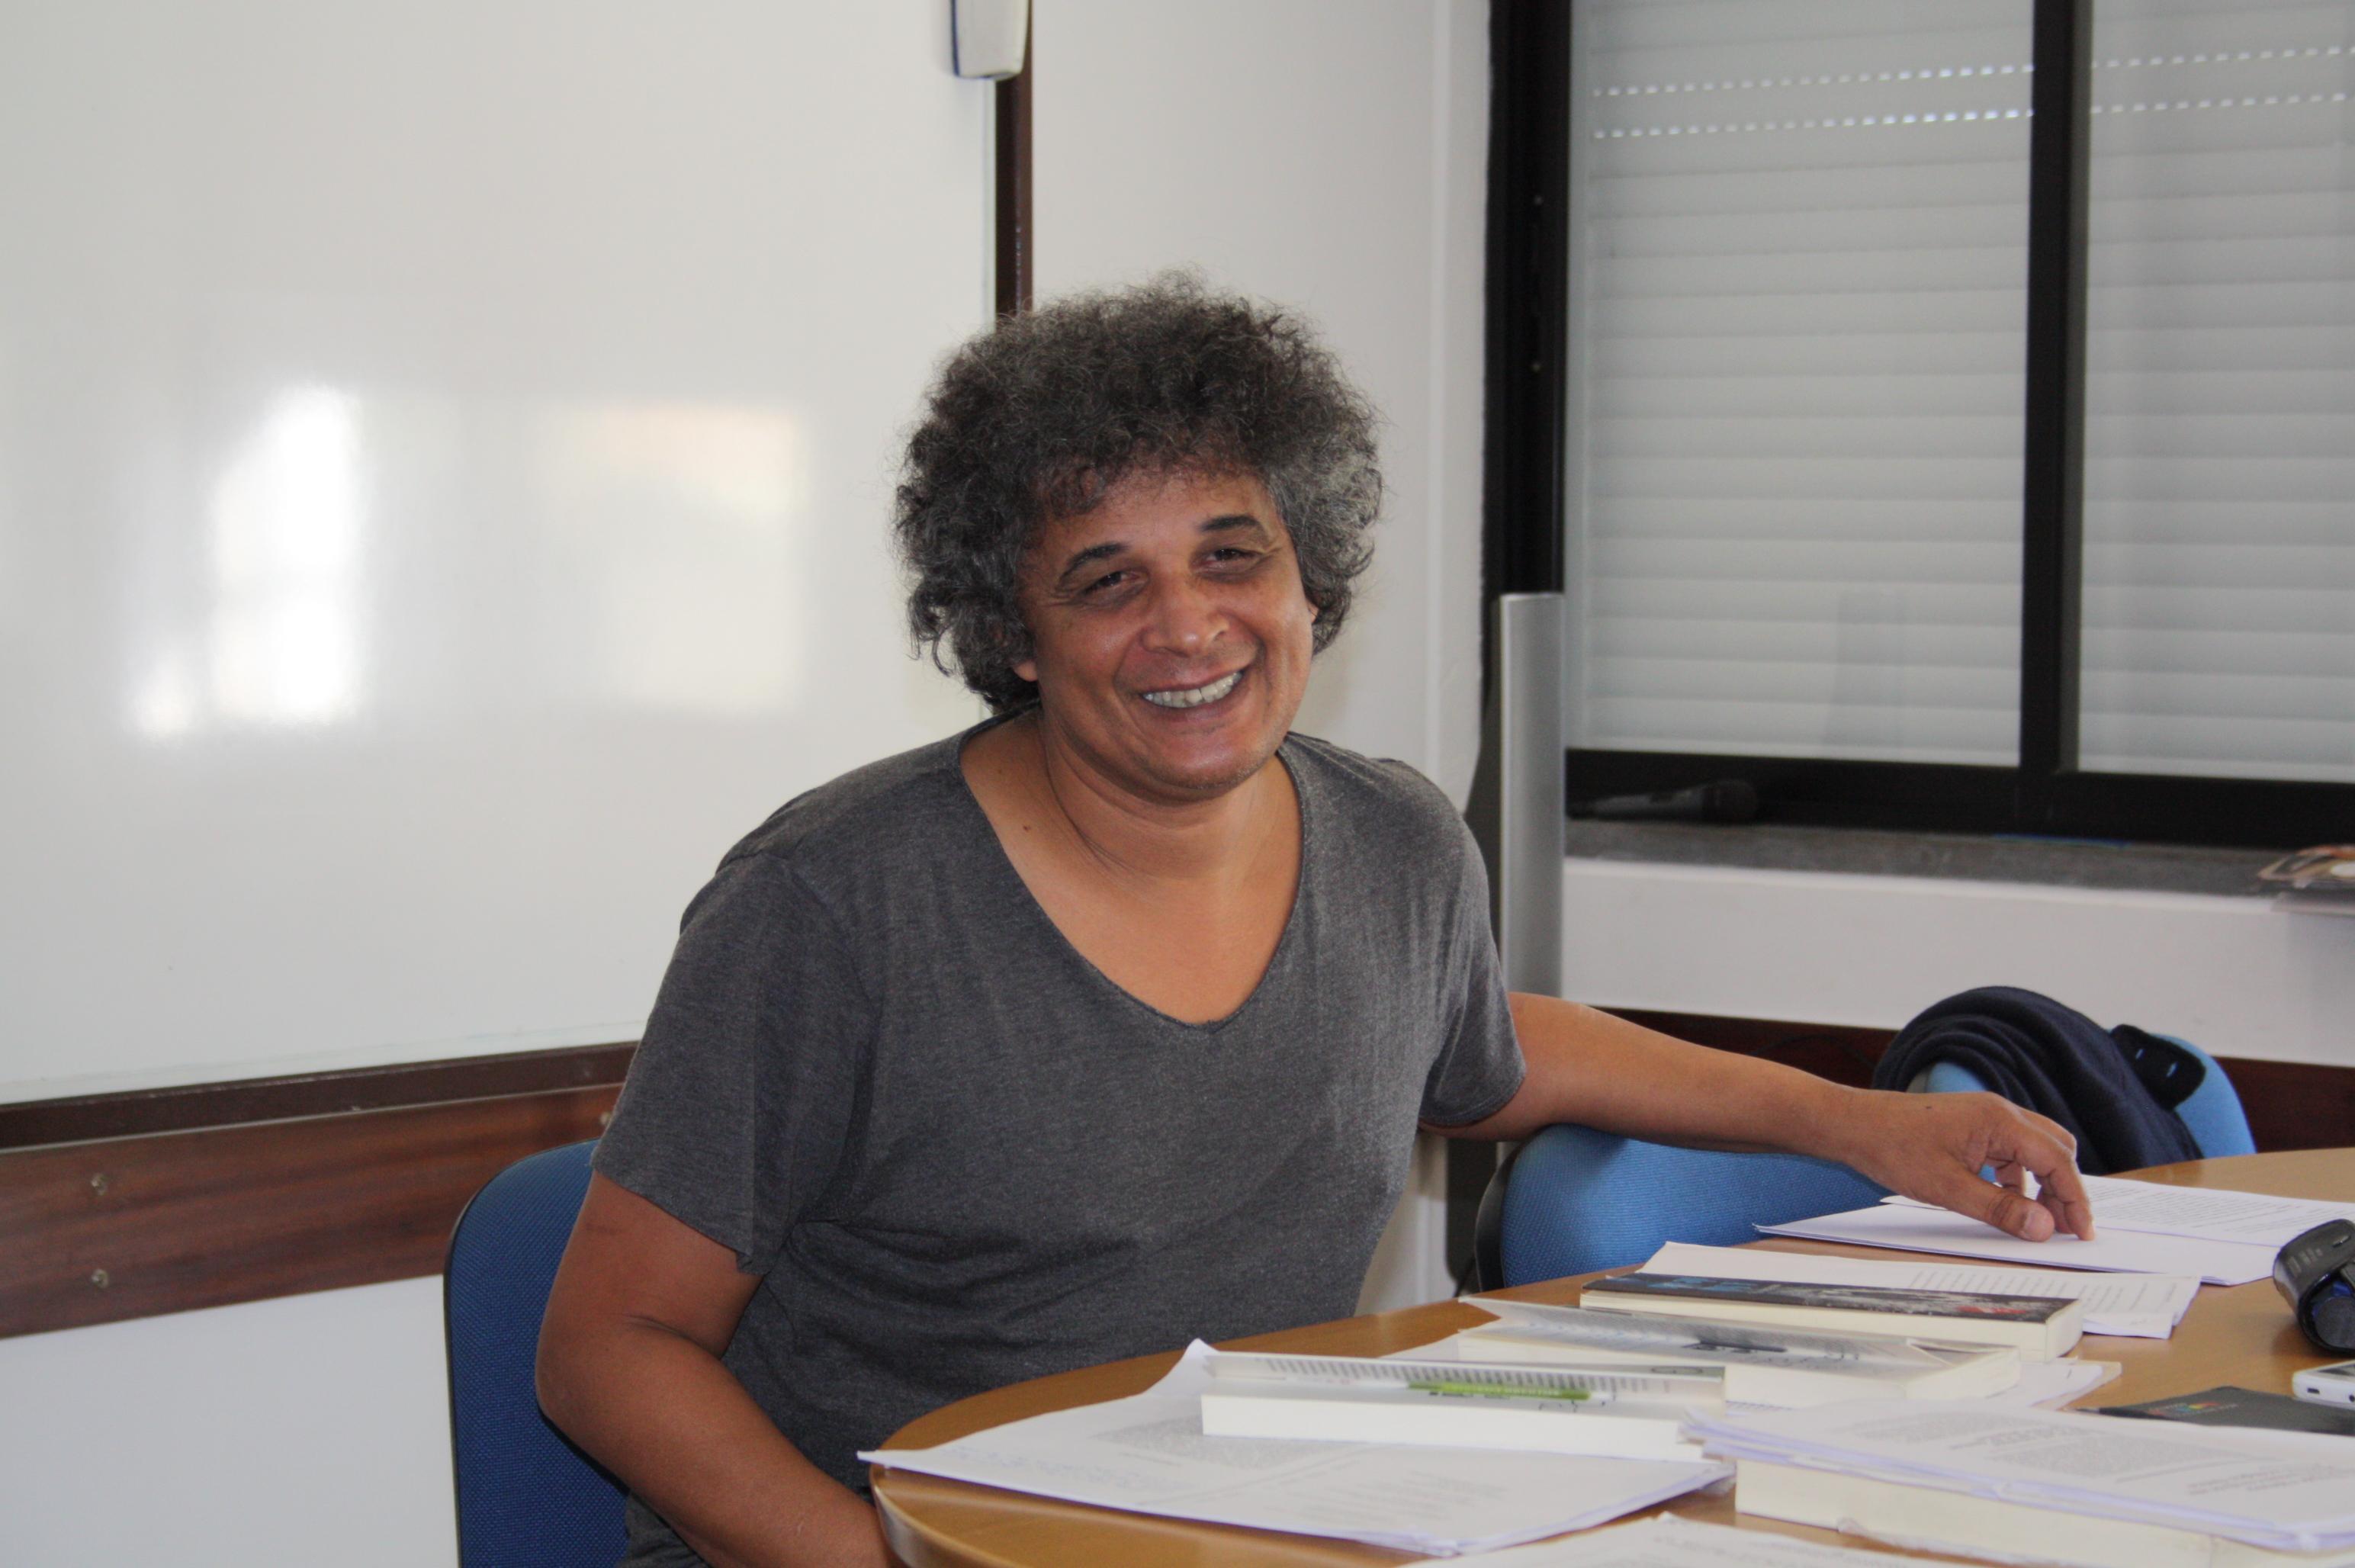 IRE deu início ao ciclo de formação Diálogos sobre Educação  na passada sexta-feira dia 27 de novembro com a presença do Professor Doutor Carlos Alberto Gomes do Dep. de Ciências Sociais da Educação